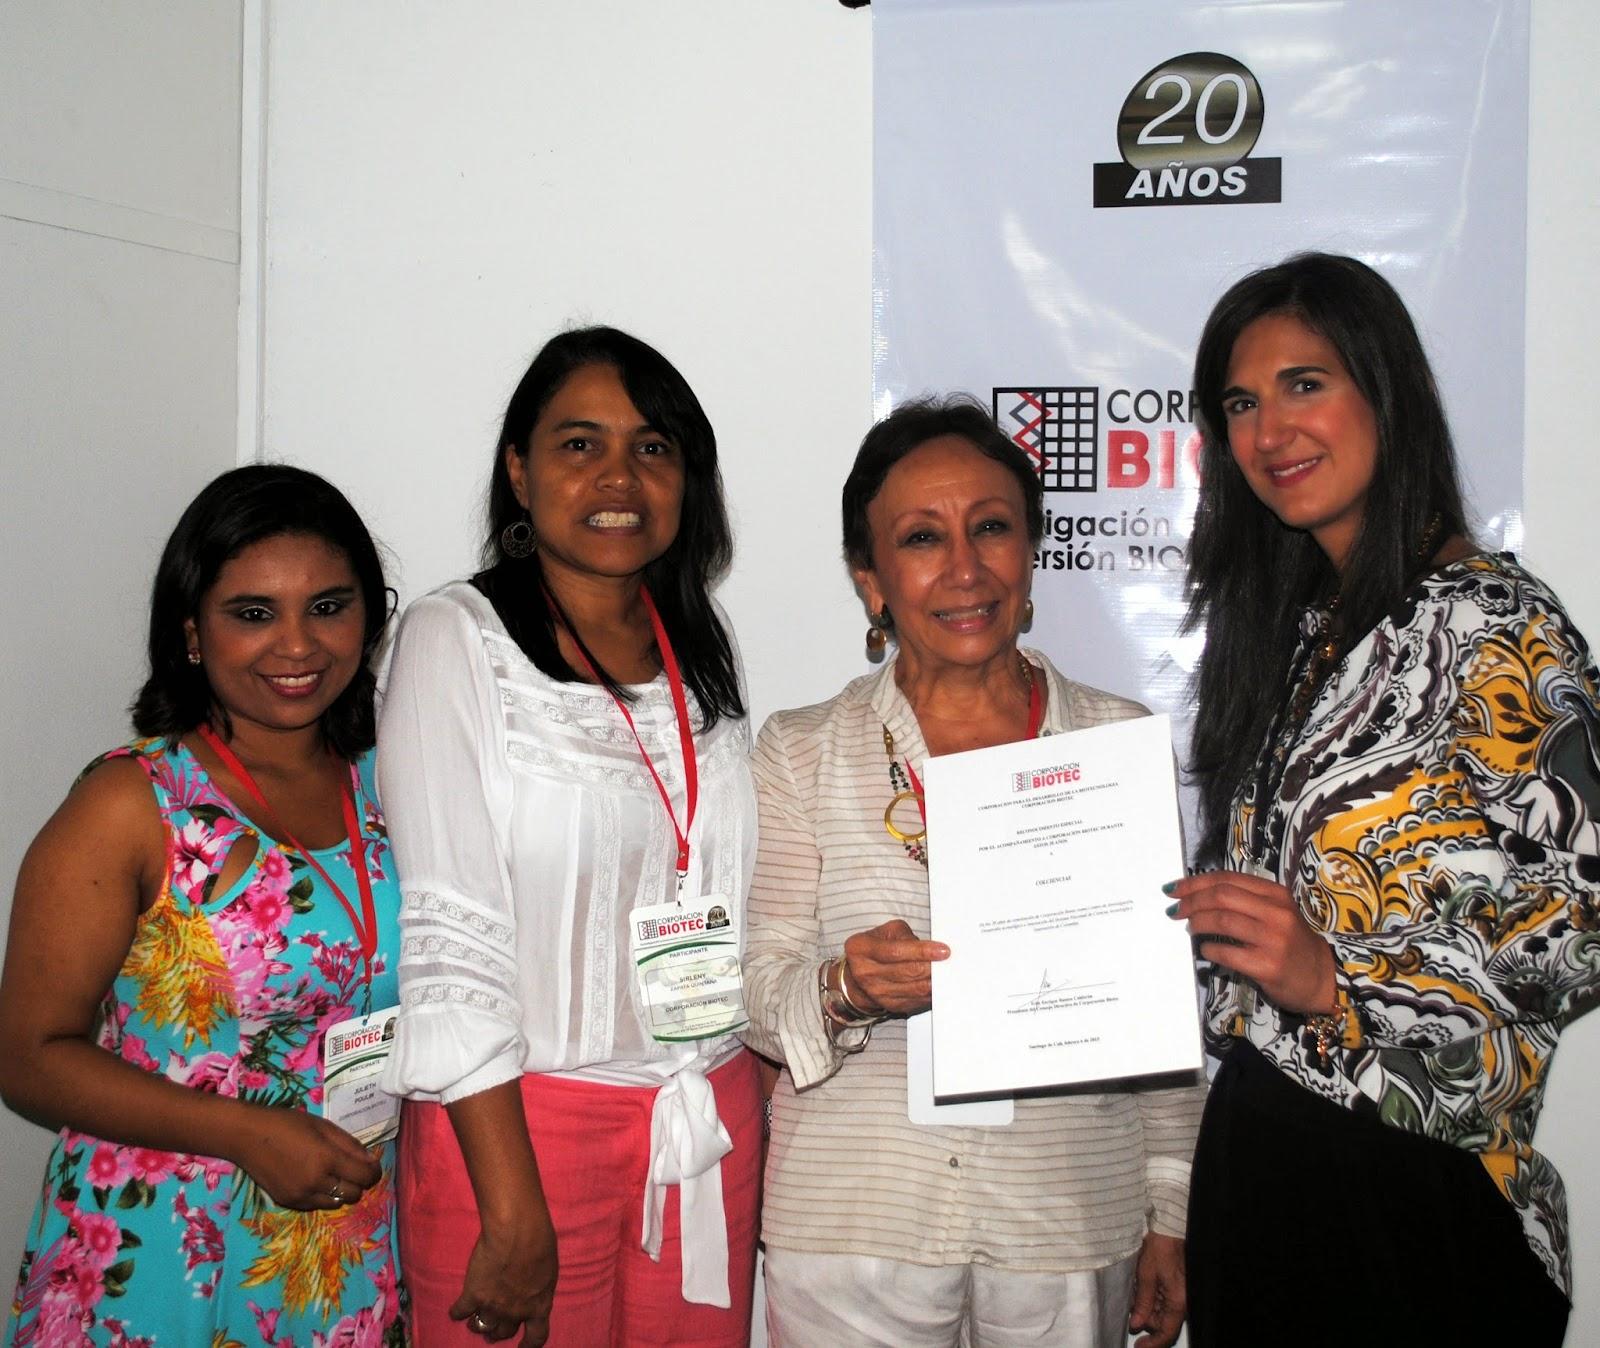 De Izq. a Der.: Directora de Colciencias Yaneth Giha Tovar  y Directora Ejecutiva de la Corporación Biotec, la Dra. Myriam Sánchez.